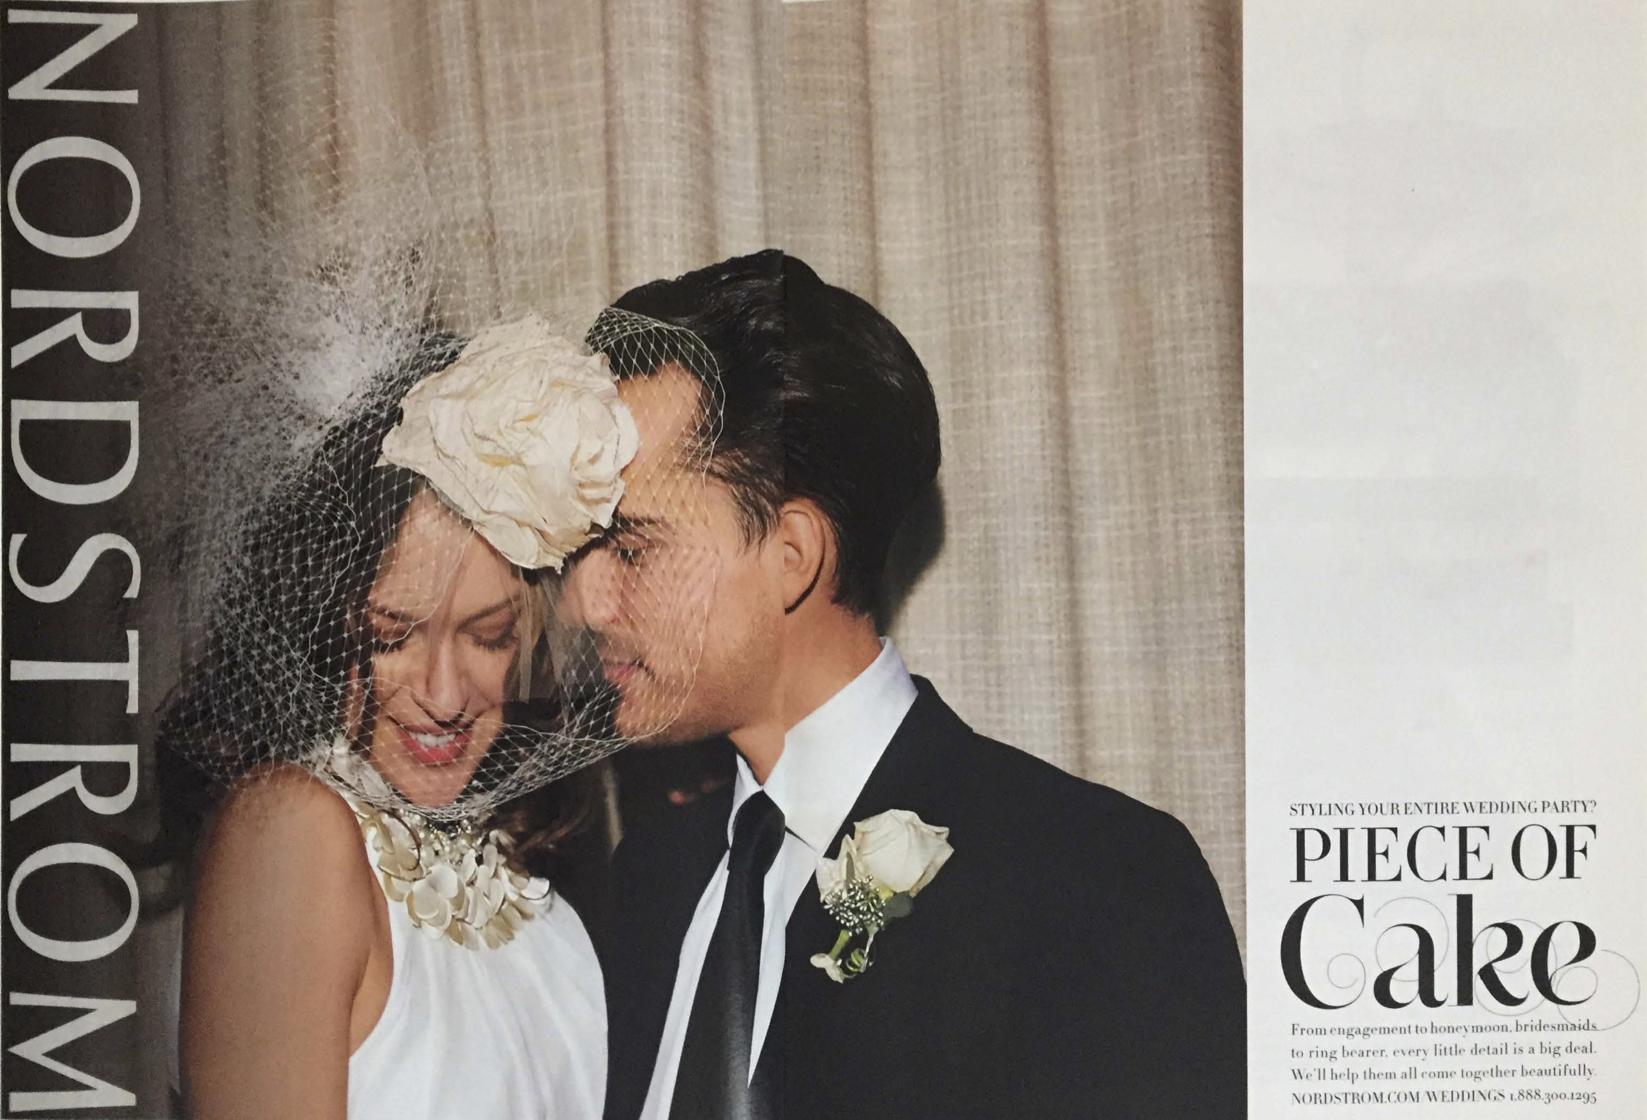 Nordstrom Weddings ad in Martha Stewart Weddings, Fall 2010